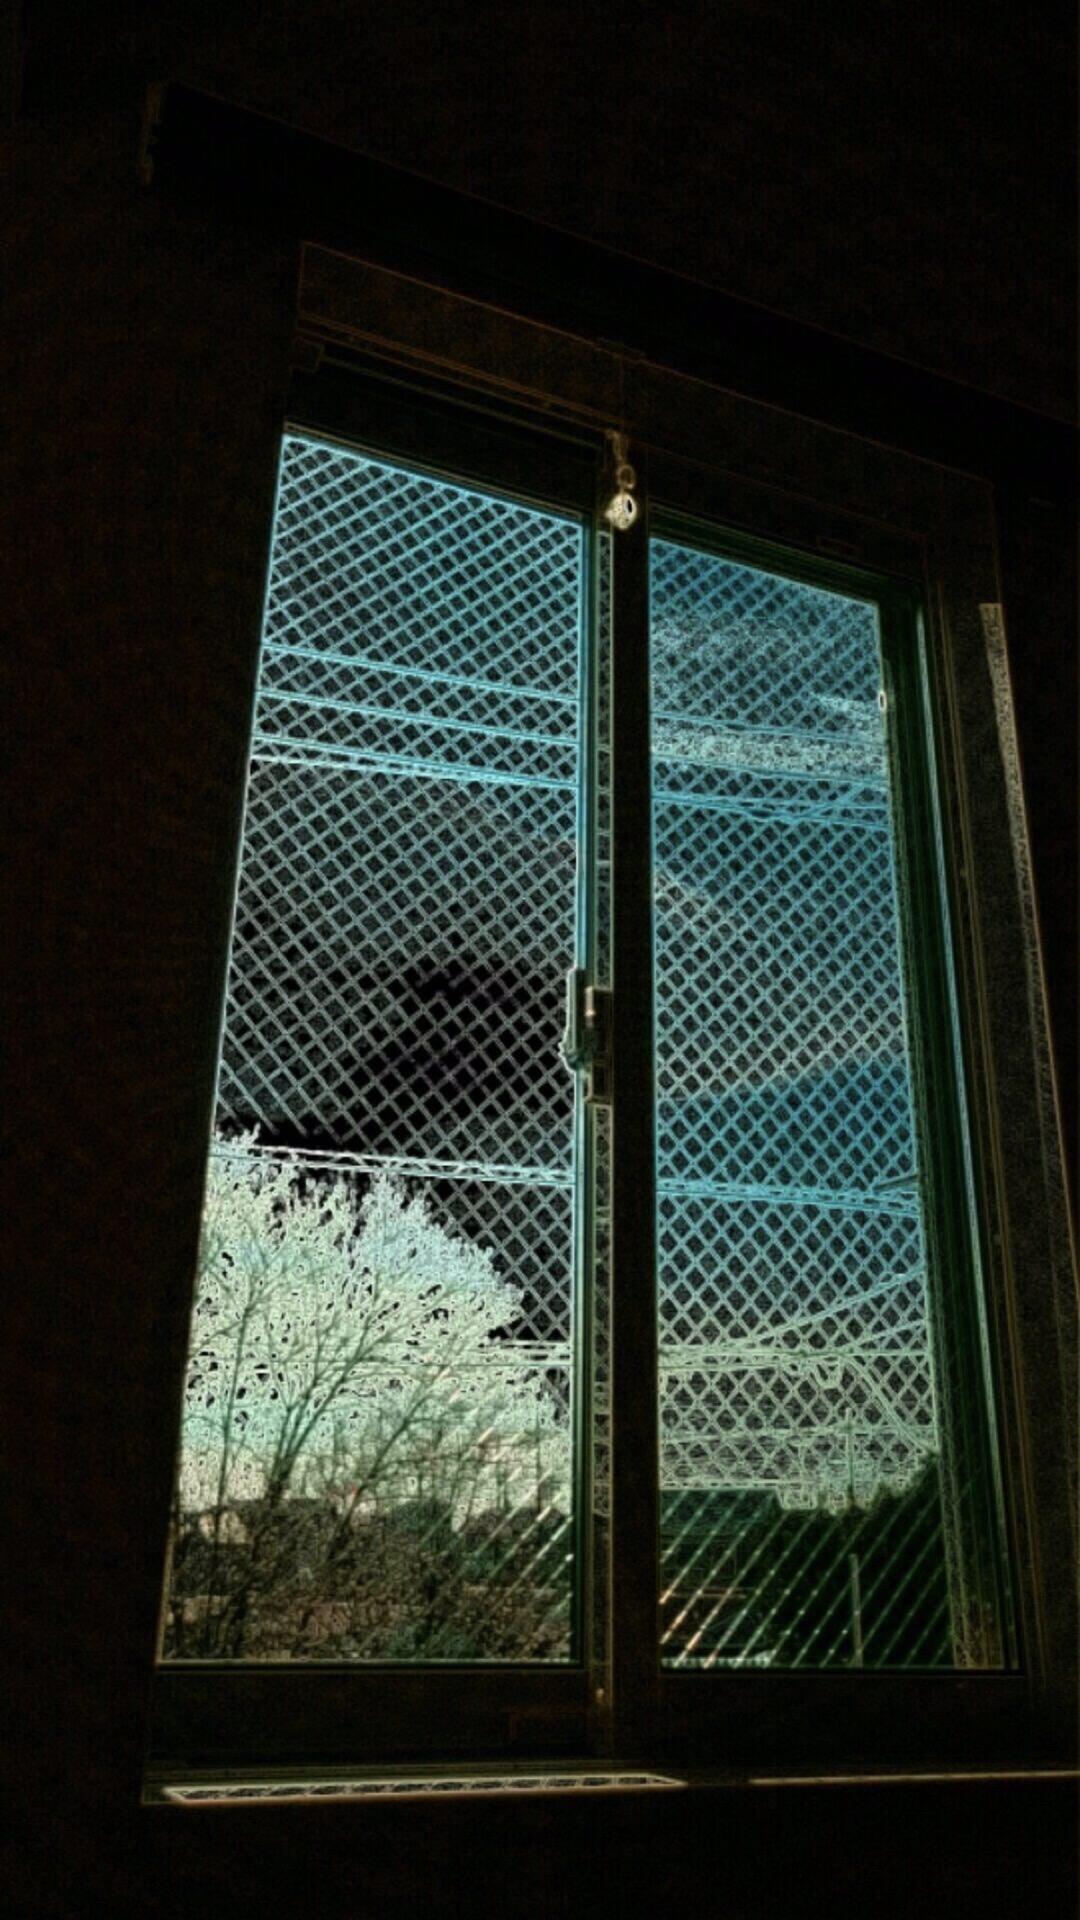 窓 景色 Wallpaper Sc スマホ壁紙